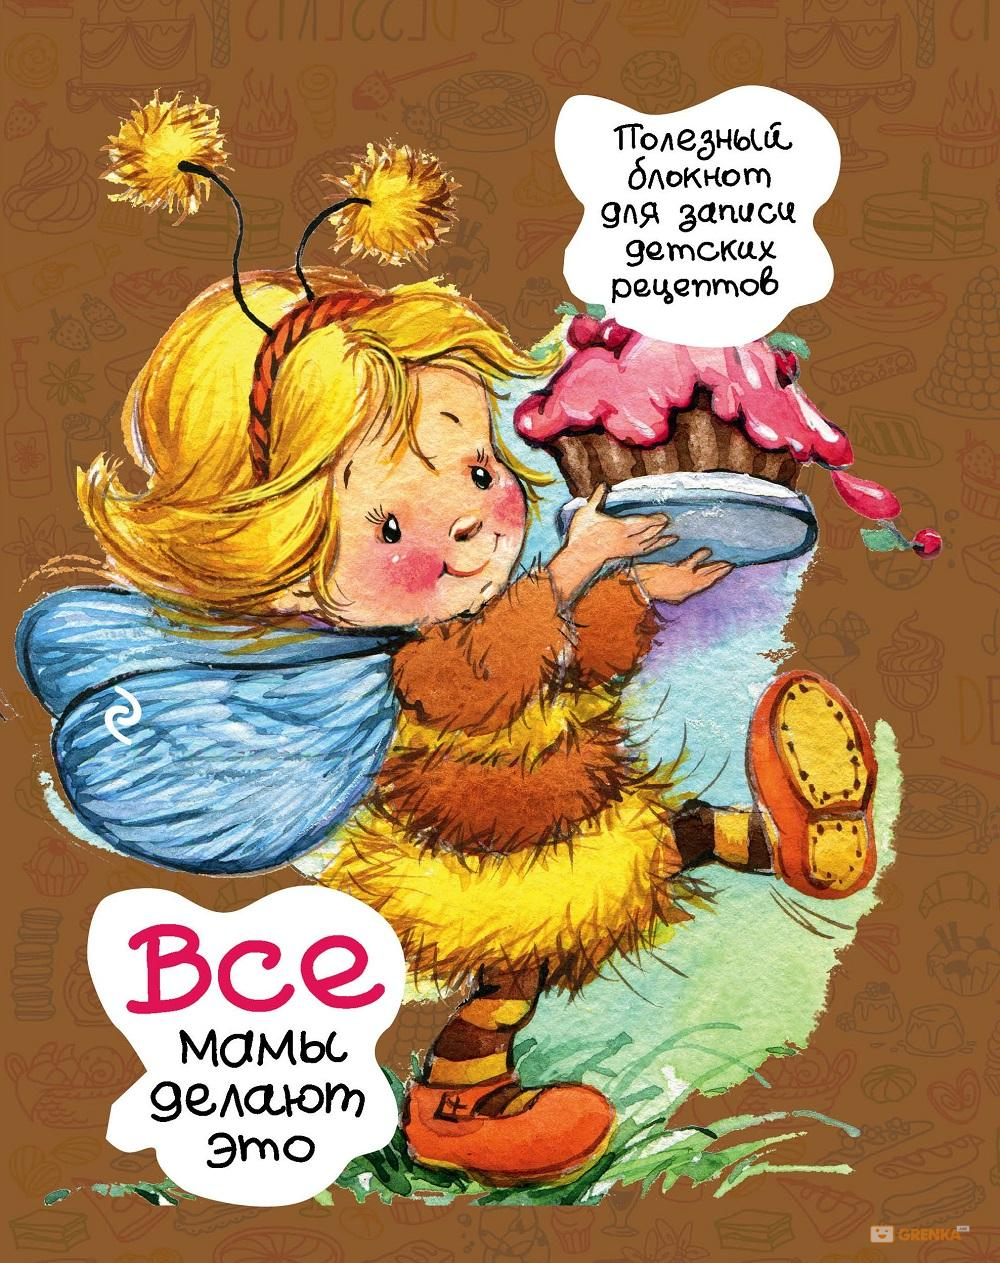 Купить Все мамы делают это. Полезные блокноты для записи детских рецептов (Пчелка с кексом), С. Ильичева, 978-5-699-92103-4